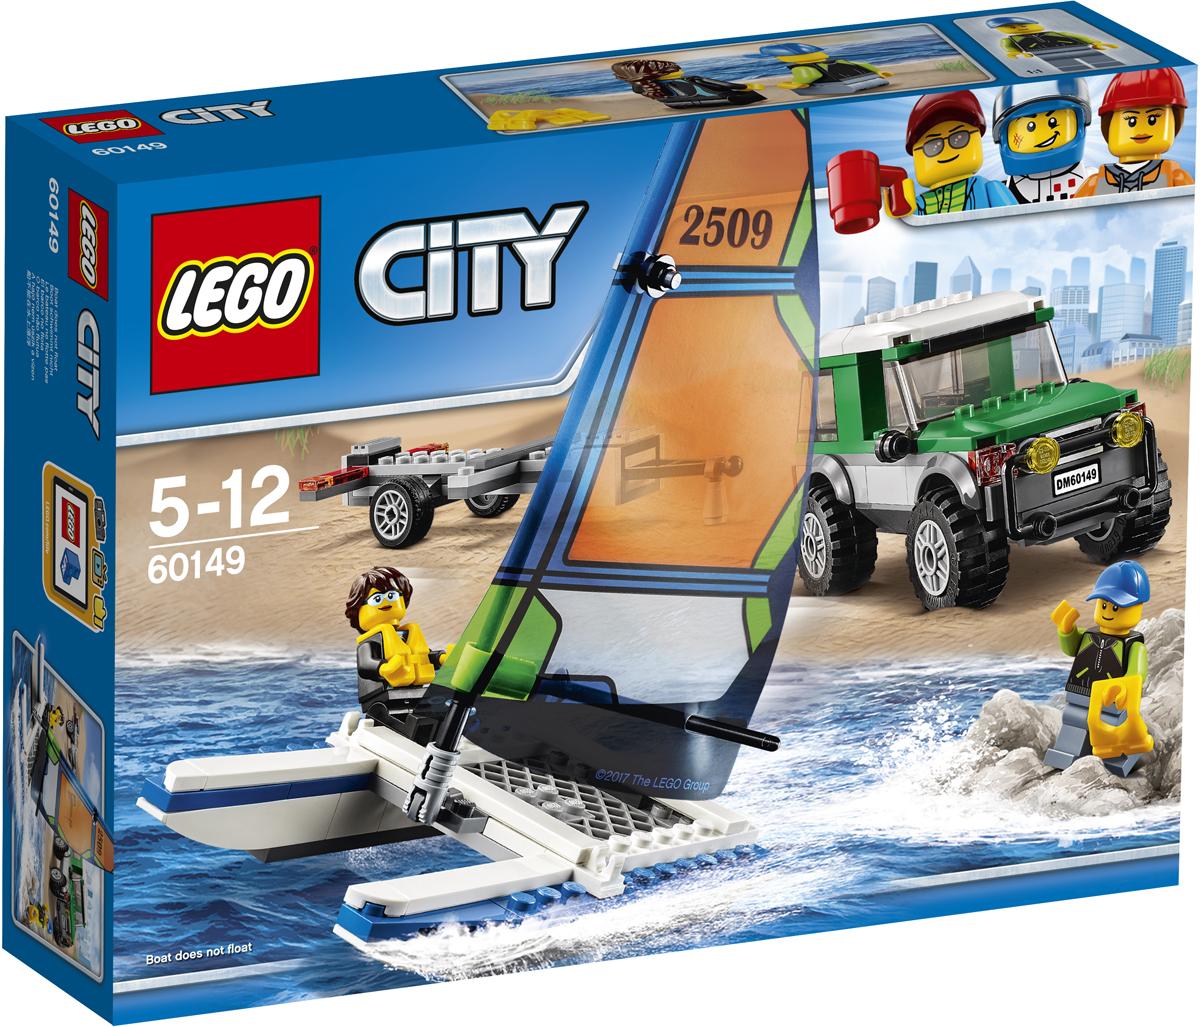 LEGO City Конструктор Внедорожник с прицепом для катамарана 6014960149Вы отправляетесь в морское путешествие, не забудьте захватить купальные принадлежности. Погрузите катамаран на прицеп, который крепится к внедорожнику. Упакуйте спасательные жилеты и направляйтесь на берег. Спустите катамаран на воду, поднимите парус и проведите веселый день на волнах. Еще одно захватывающее приключение в городе LEGO City! Набор включает в себя 198 разноцветных пластиковых элементов. Конструктор - это один из самых увлекательных и веселых способов времяпрепровождения. Ребенок сможет часами играть с конструктором, придумывая различные ситуации и истории.